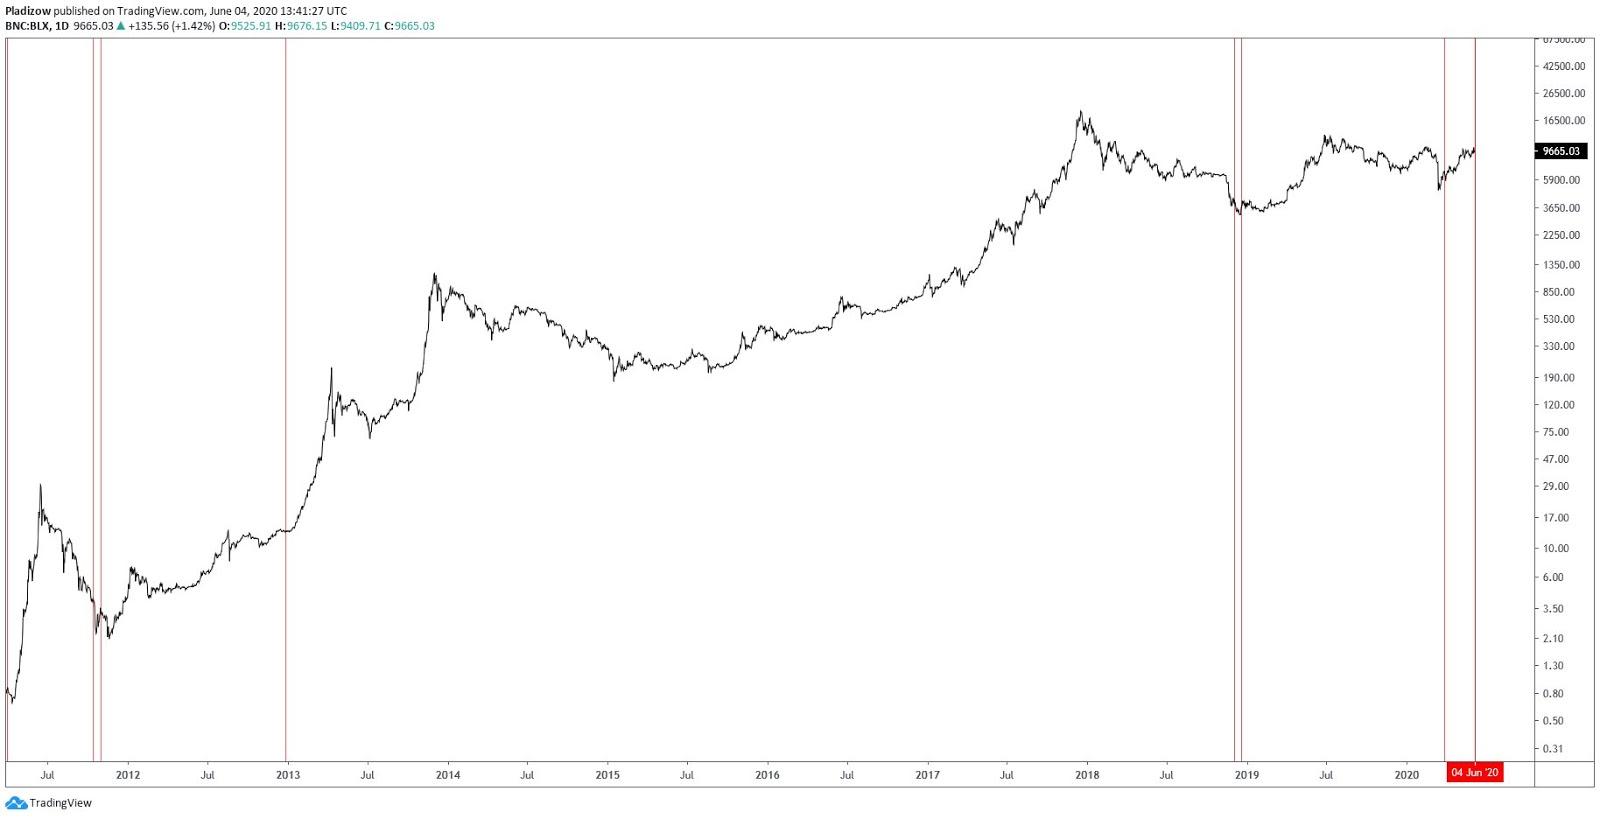 Quando la difficoltà di mining crolla, il prezzo di Bitcoin aumenta